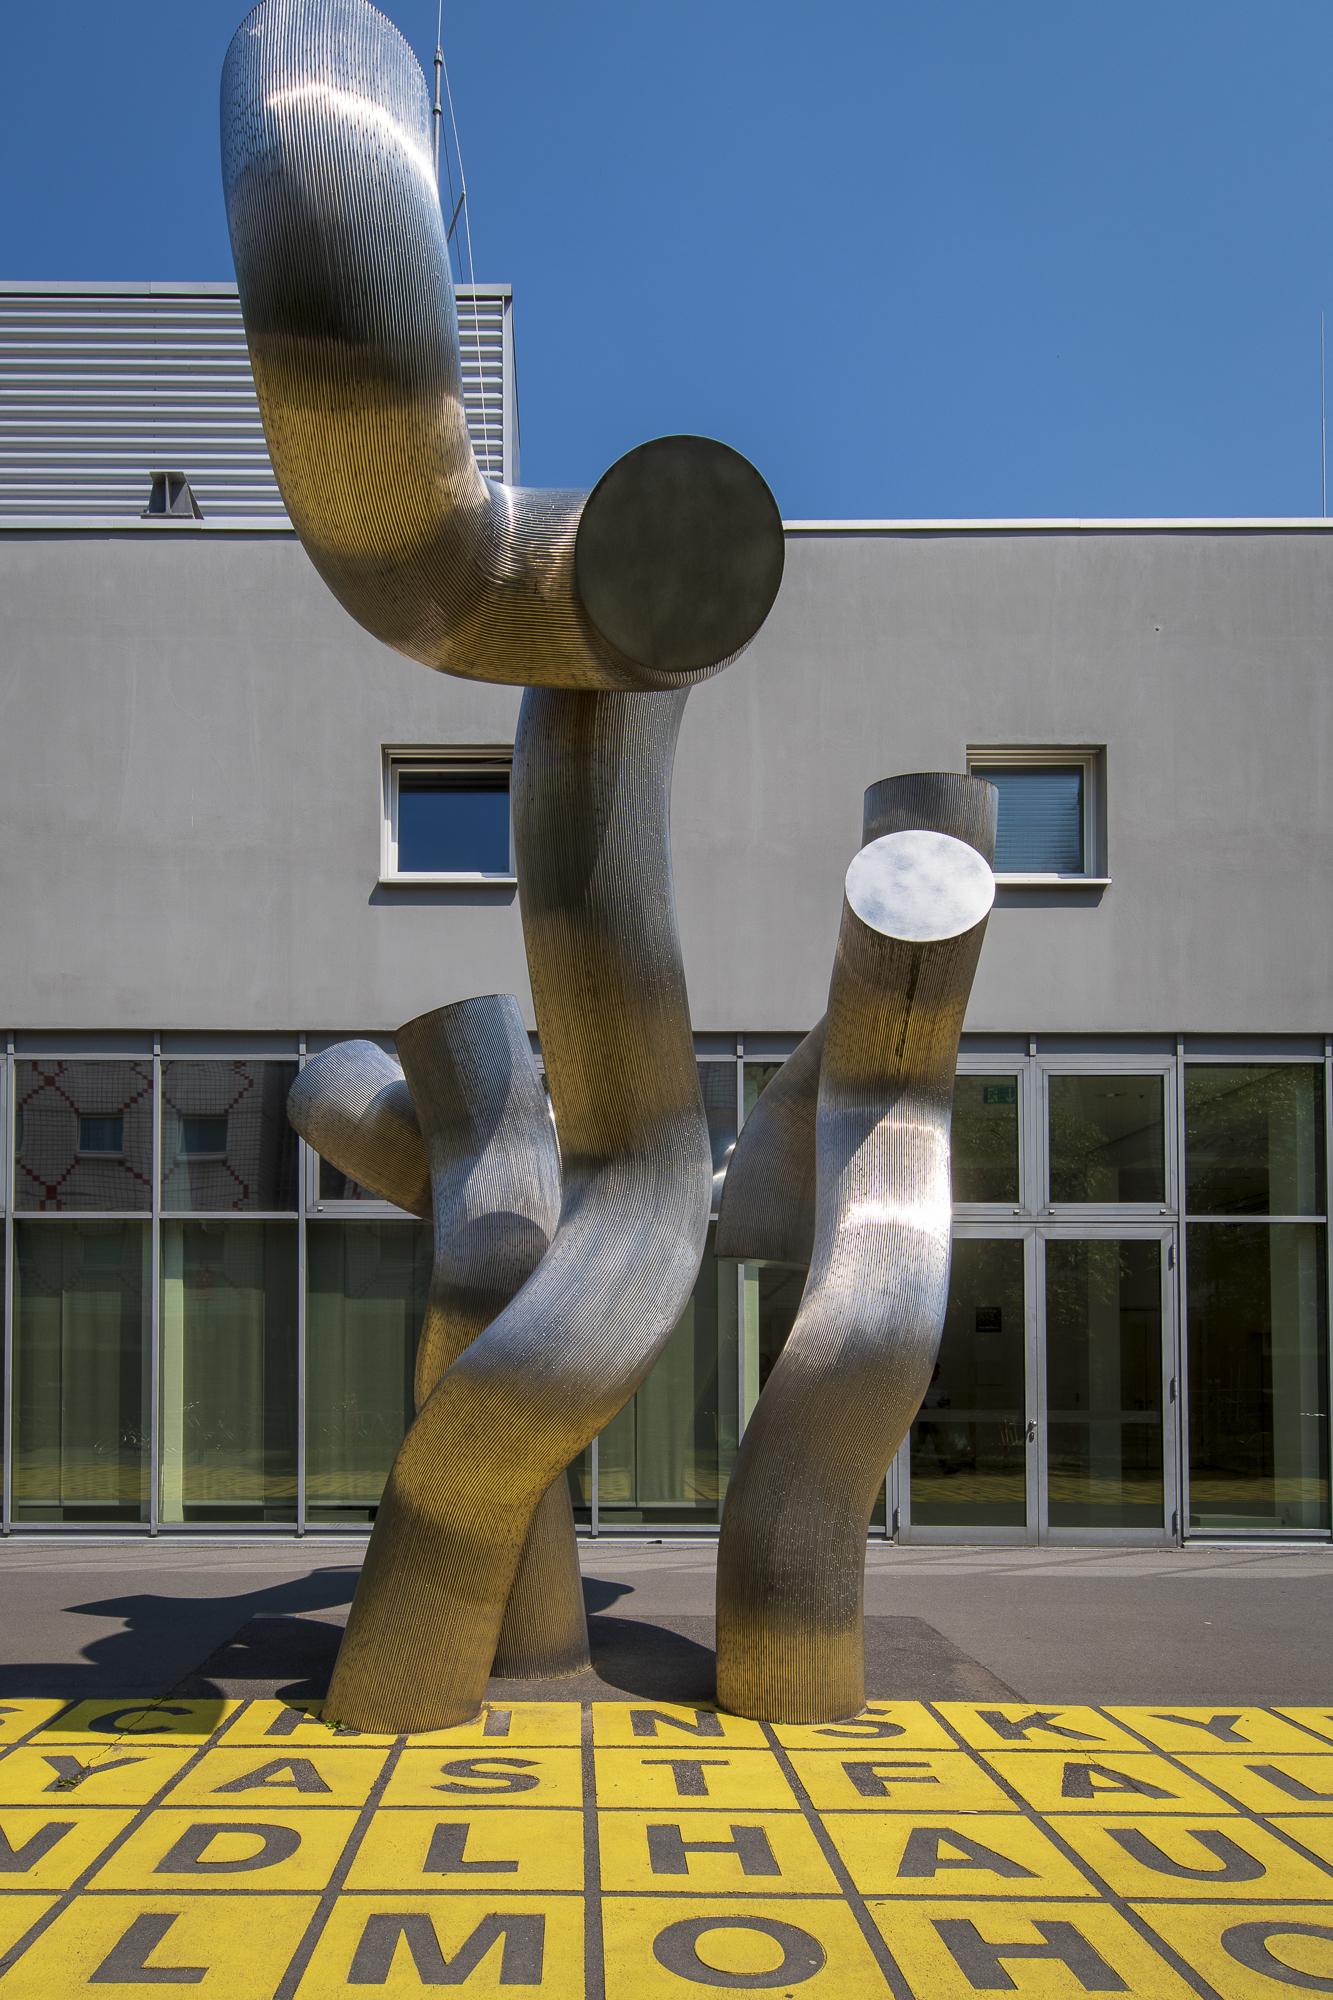 Berlinische Galerie  PHOTOGRAPHY: ALEXANDER J.E. BRADLEY • NIKON D500 • AF-S NIKKOR 14-24MM Ƒ/2.8G ED @ 14MM • Ƒ/11 • 1/250 • ISO 100